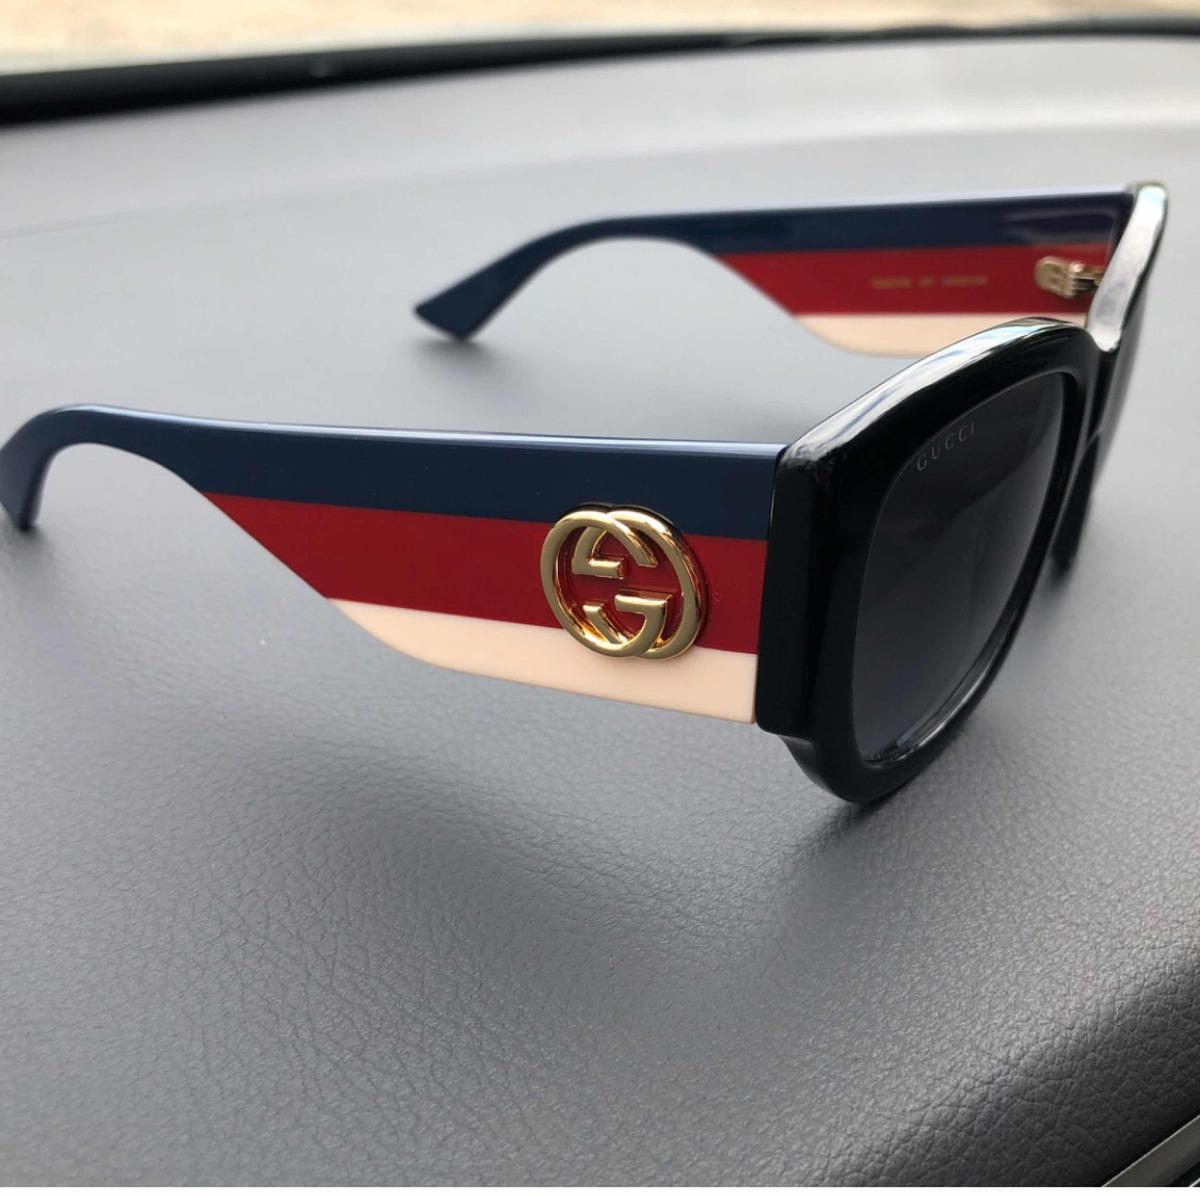 475fa3beba4c2 ... Óculos Gucci Preto Com Estojo Veludo Novo Original - R 1.438,80 em  Mercado Livre ...